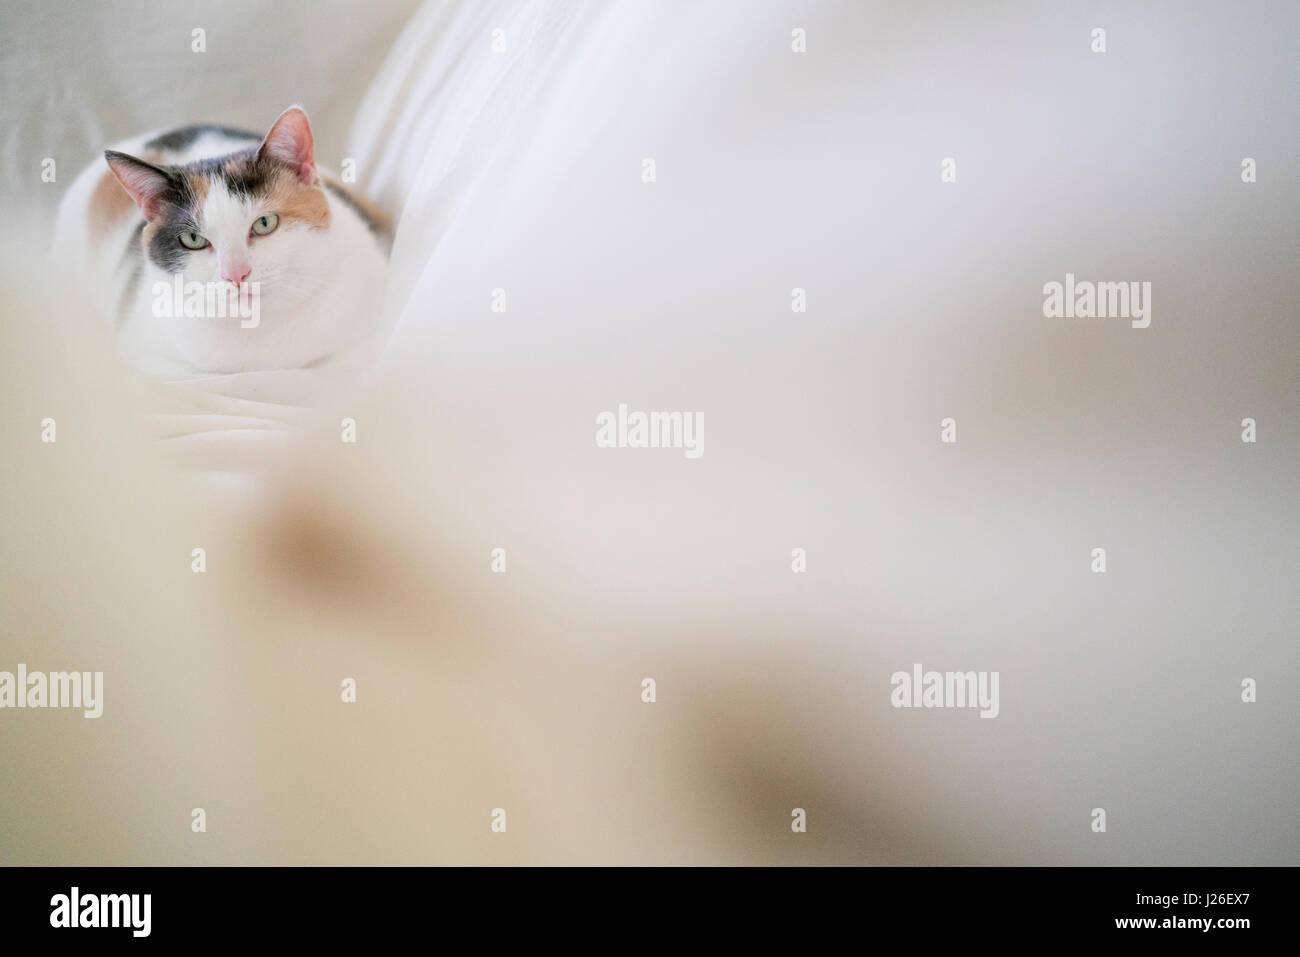 Eine leichte Glückskatze ruht auf einem weißen Blatt in weiches Licht. Stockbild